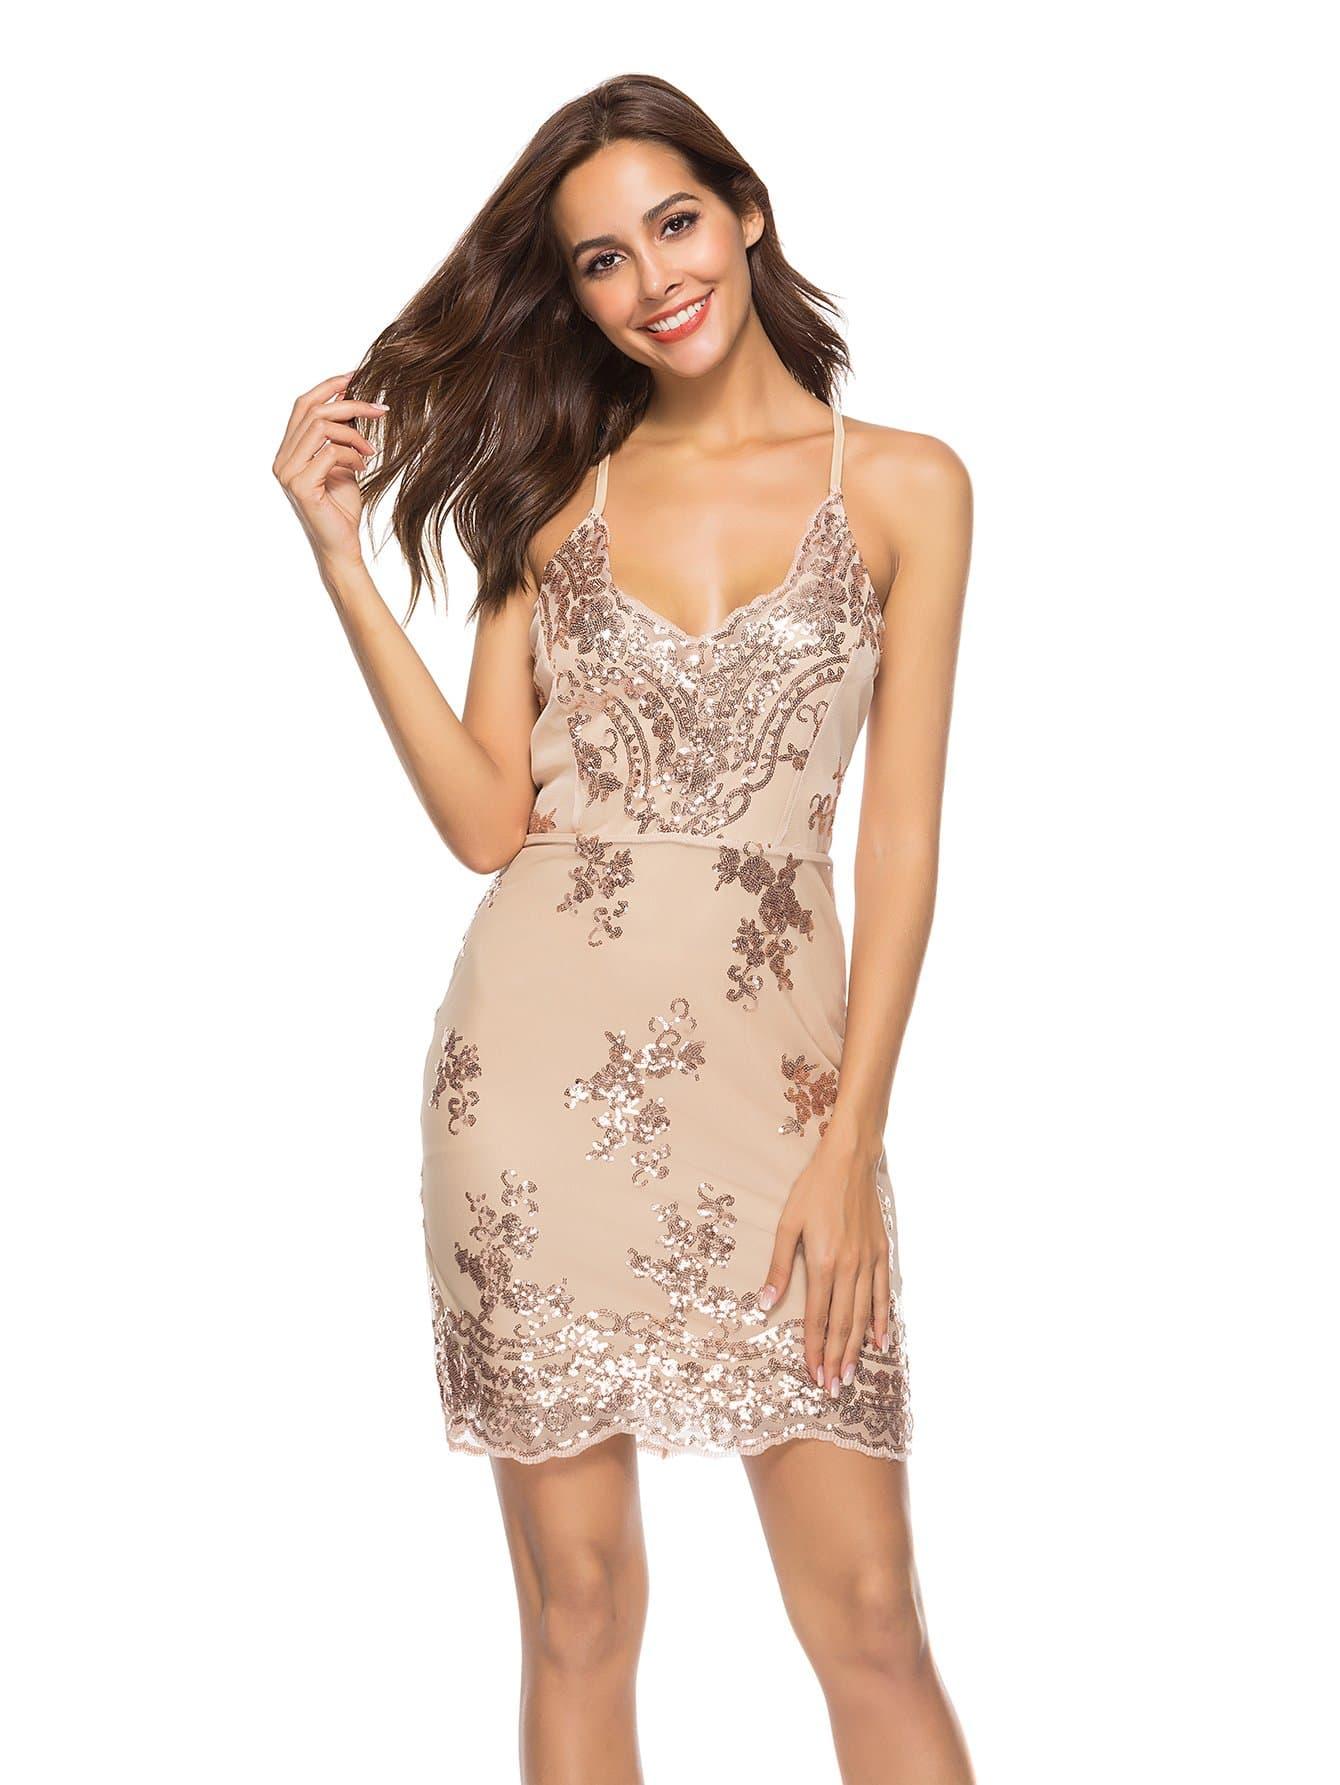 Купить Открытое Назад Платье Sequins Cami, null, SheIn